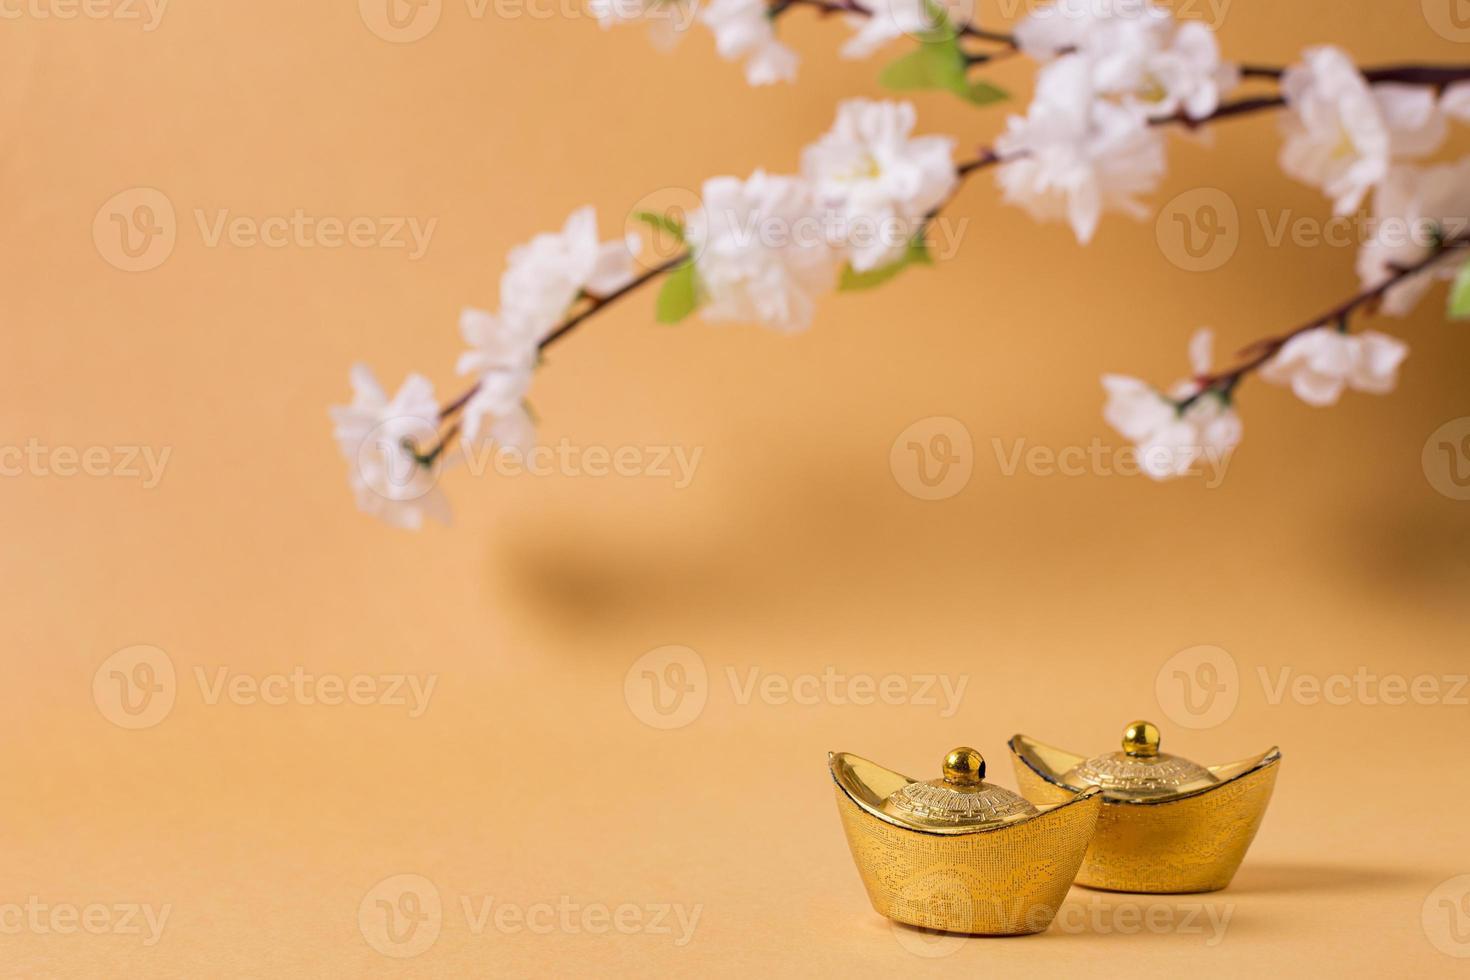 Chinees Nieuwjaar concept met bloesemboom op oranje achtergrond foto